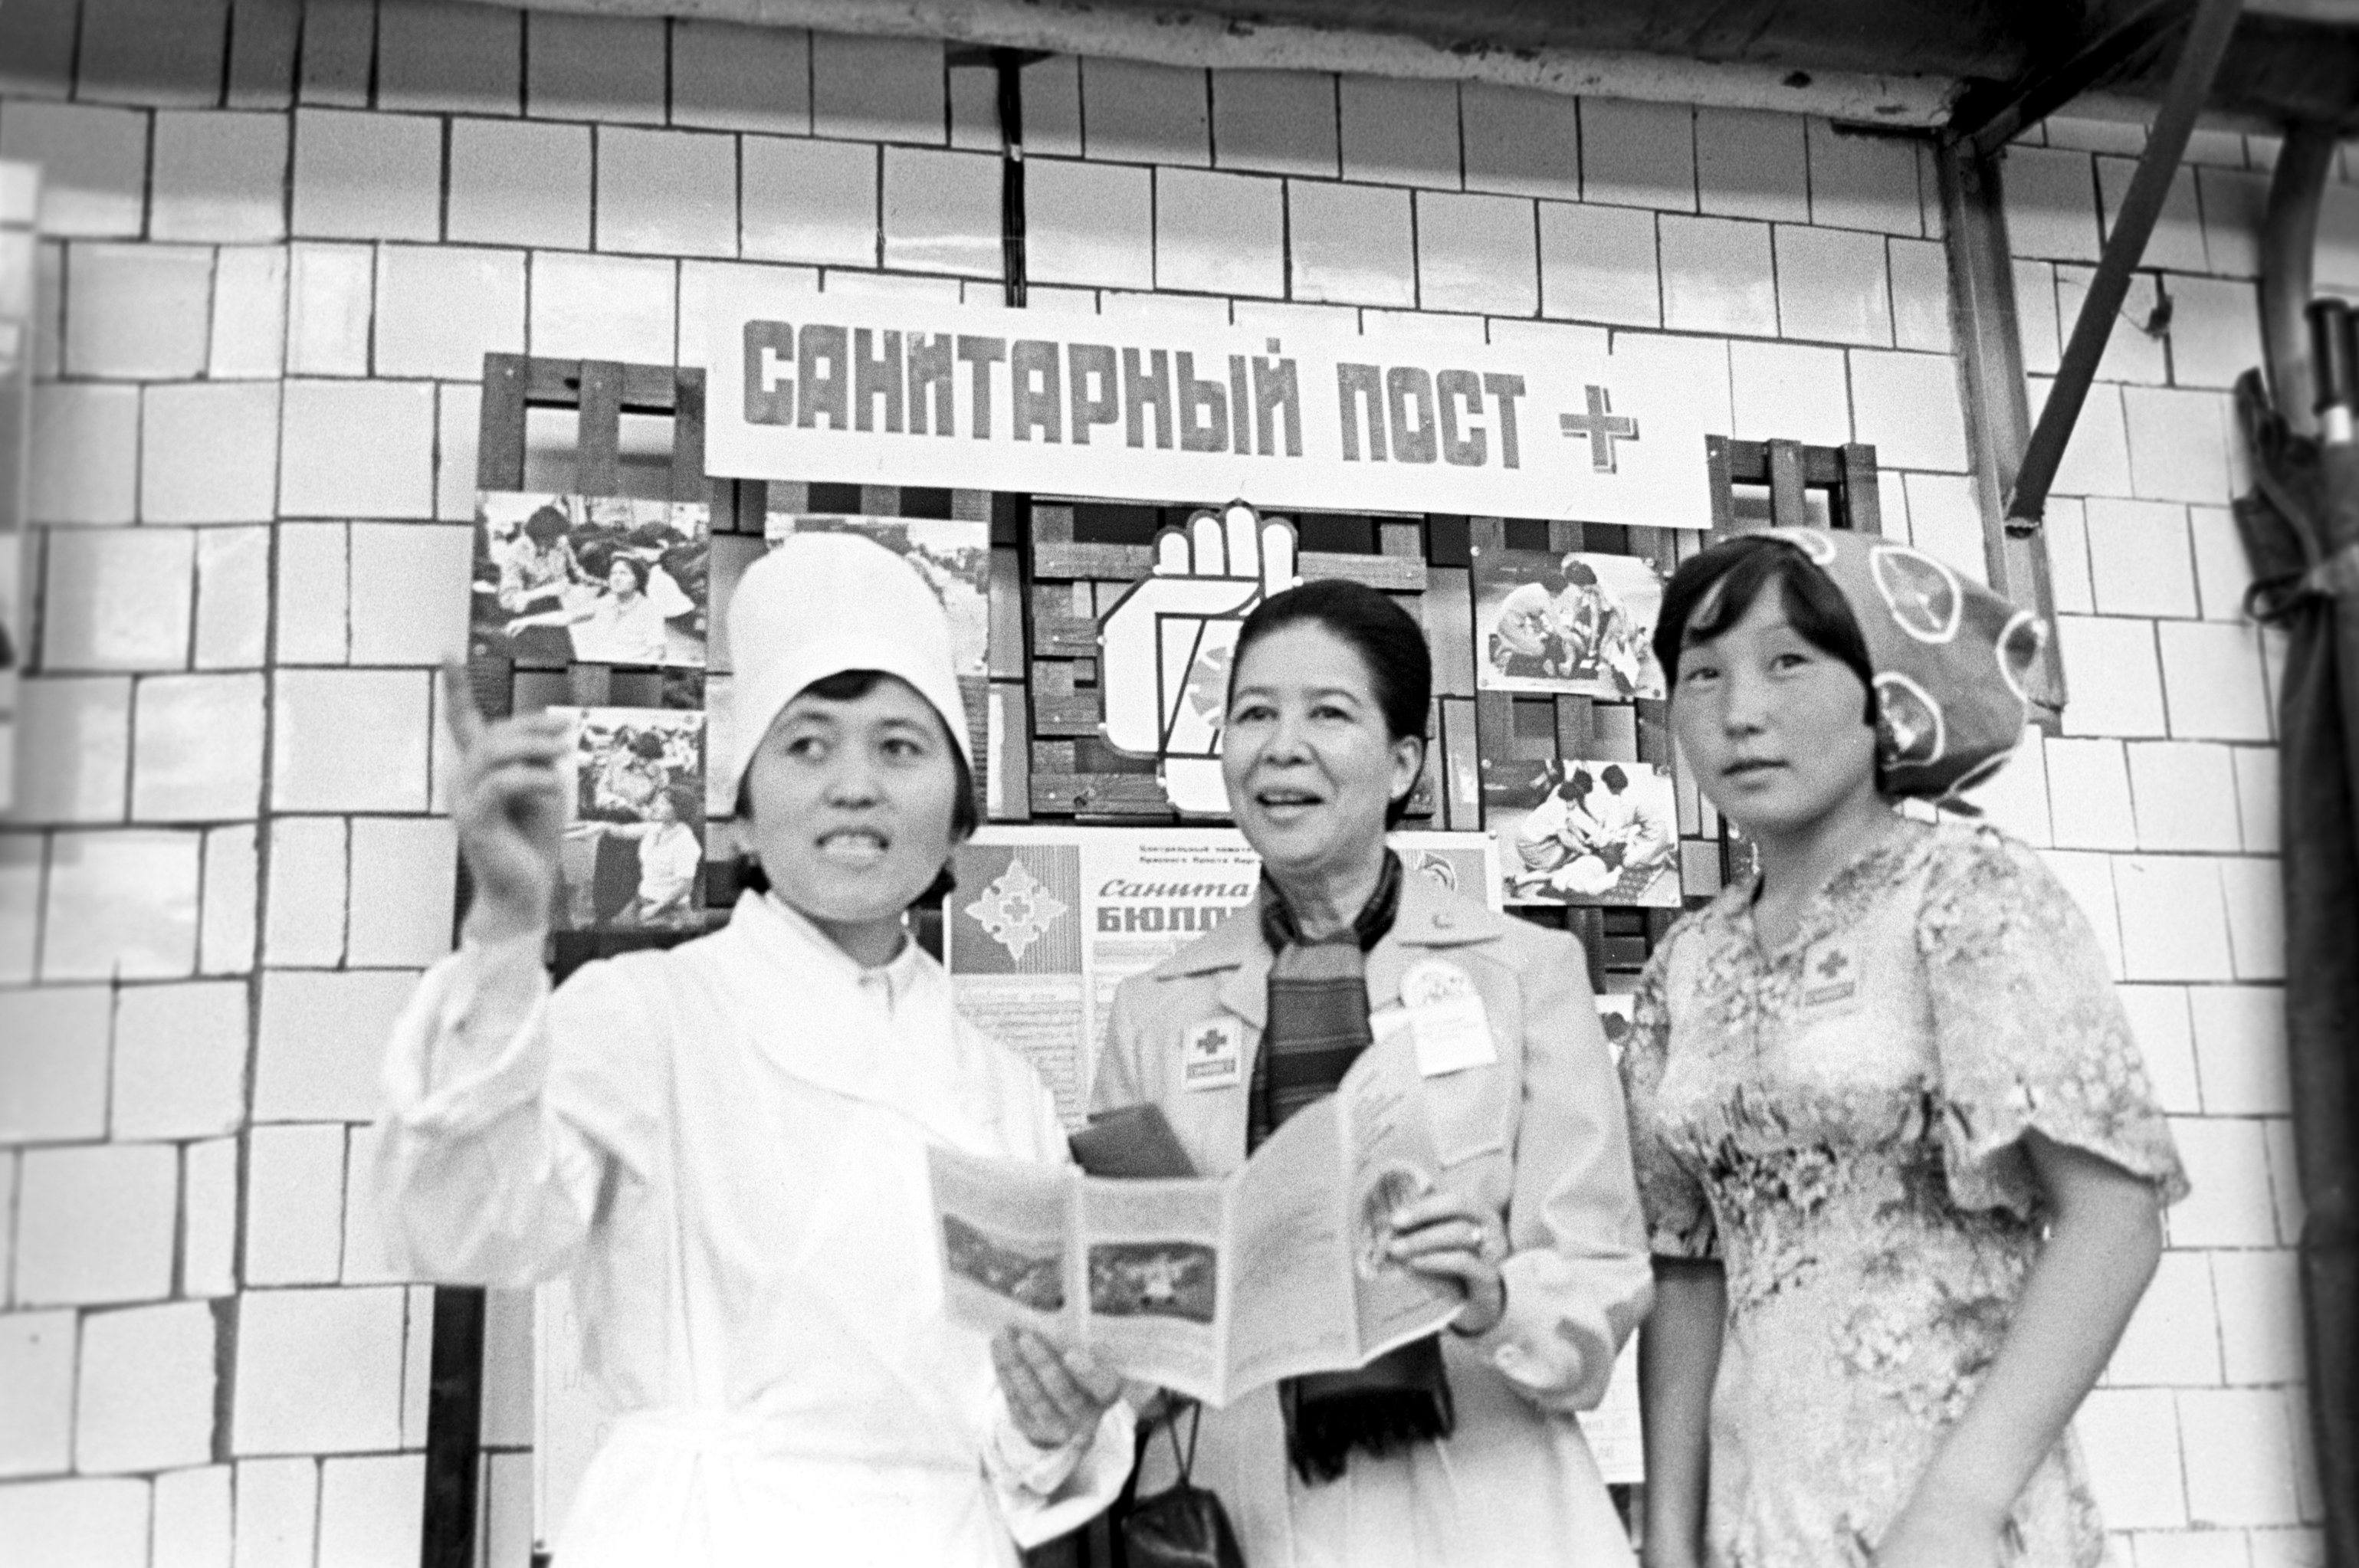 Помощник регионального референта ЛОКК Лига Красного Креста госпожа Сенадор (Филиппины) с активистами Красного Креста Камвольно-суконного комбината города Фрунзе, 1979 год